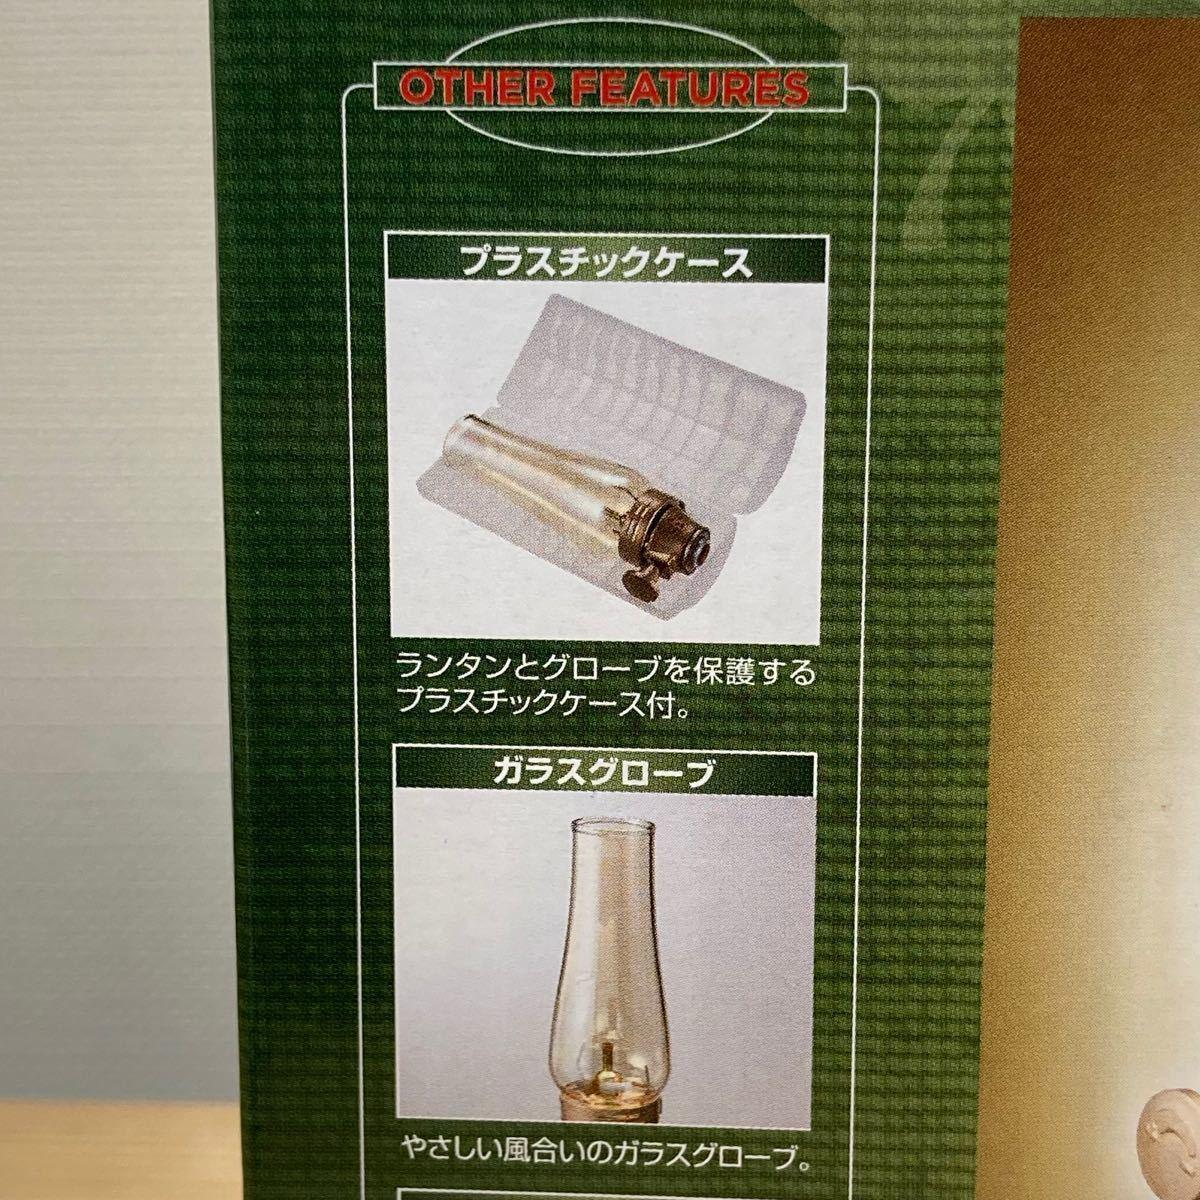 コールマン ルミエールランタン【新品】 ガスランタン Coleman